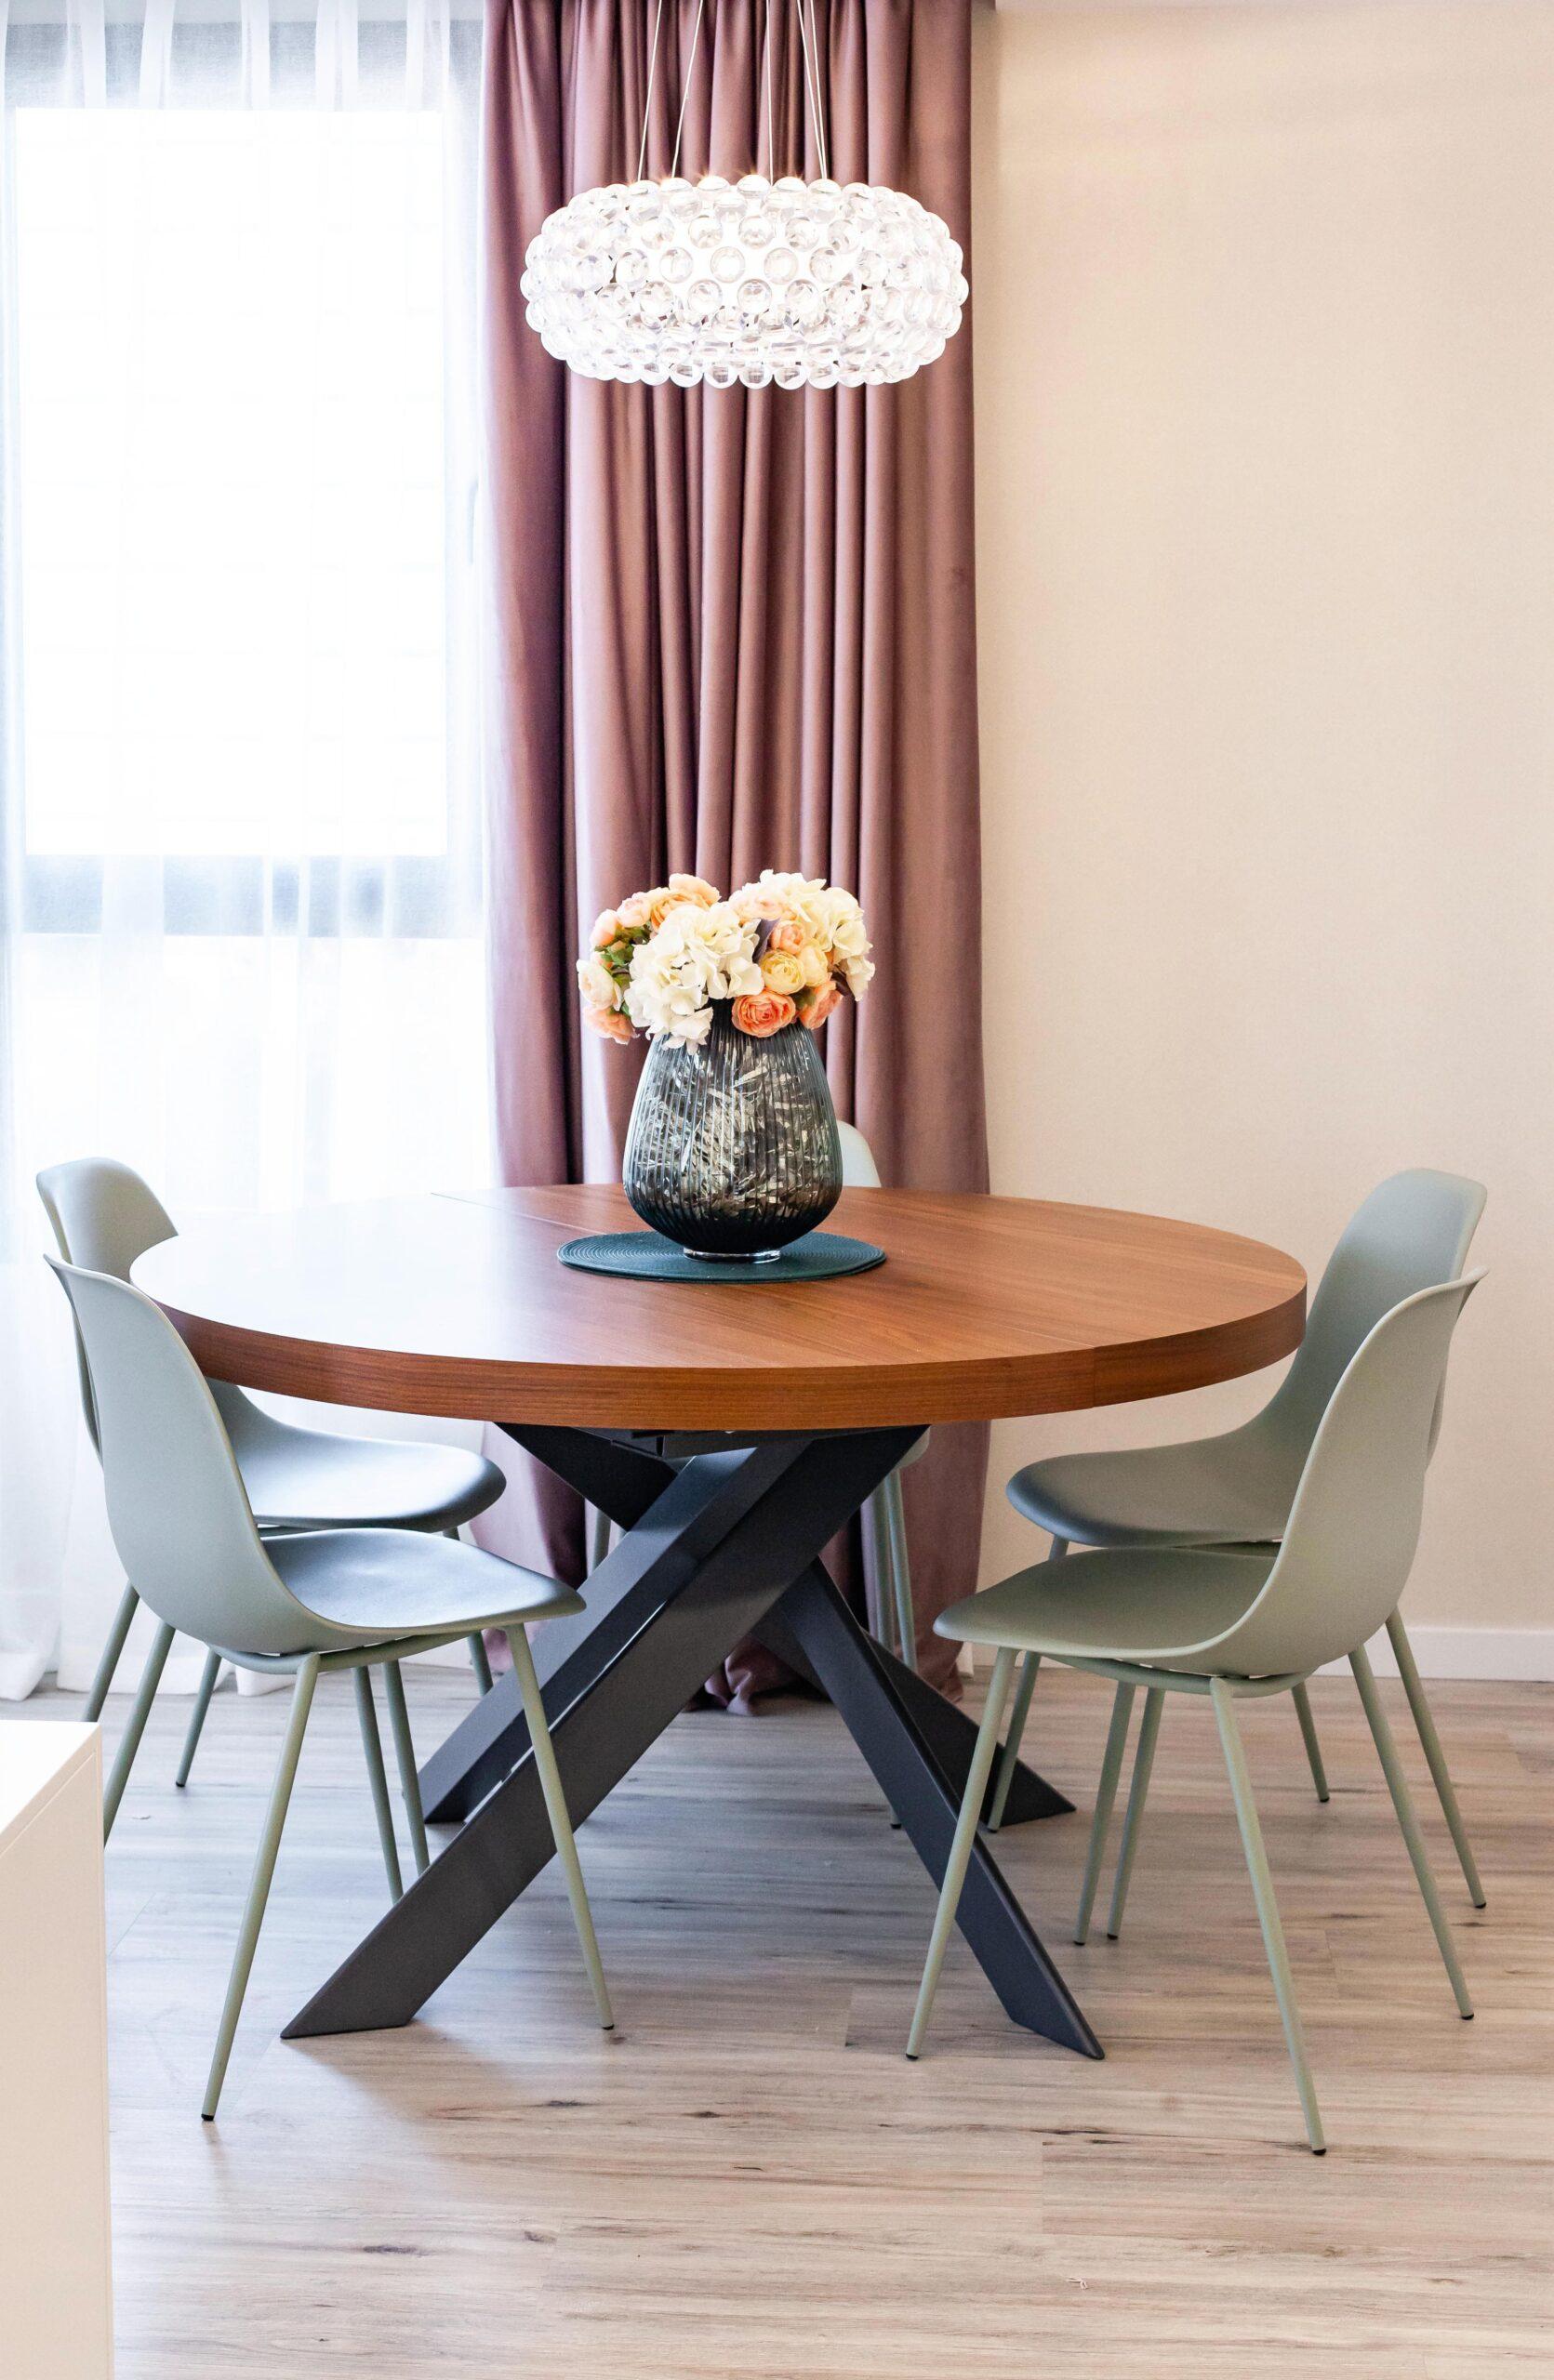 Comedor con muebles en textil gris y cortinas de terciopelo rosa antiguo